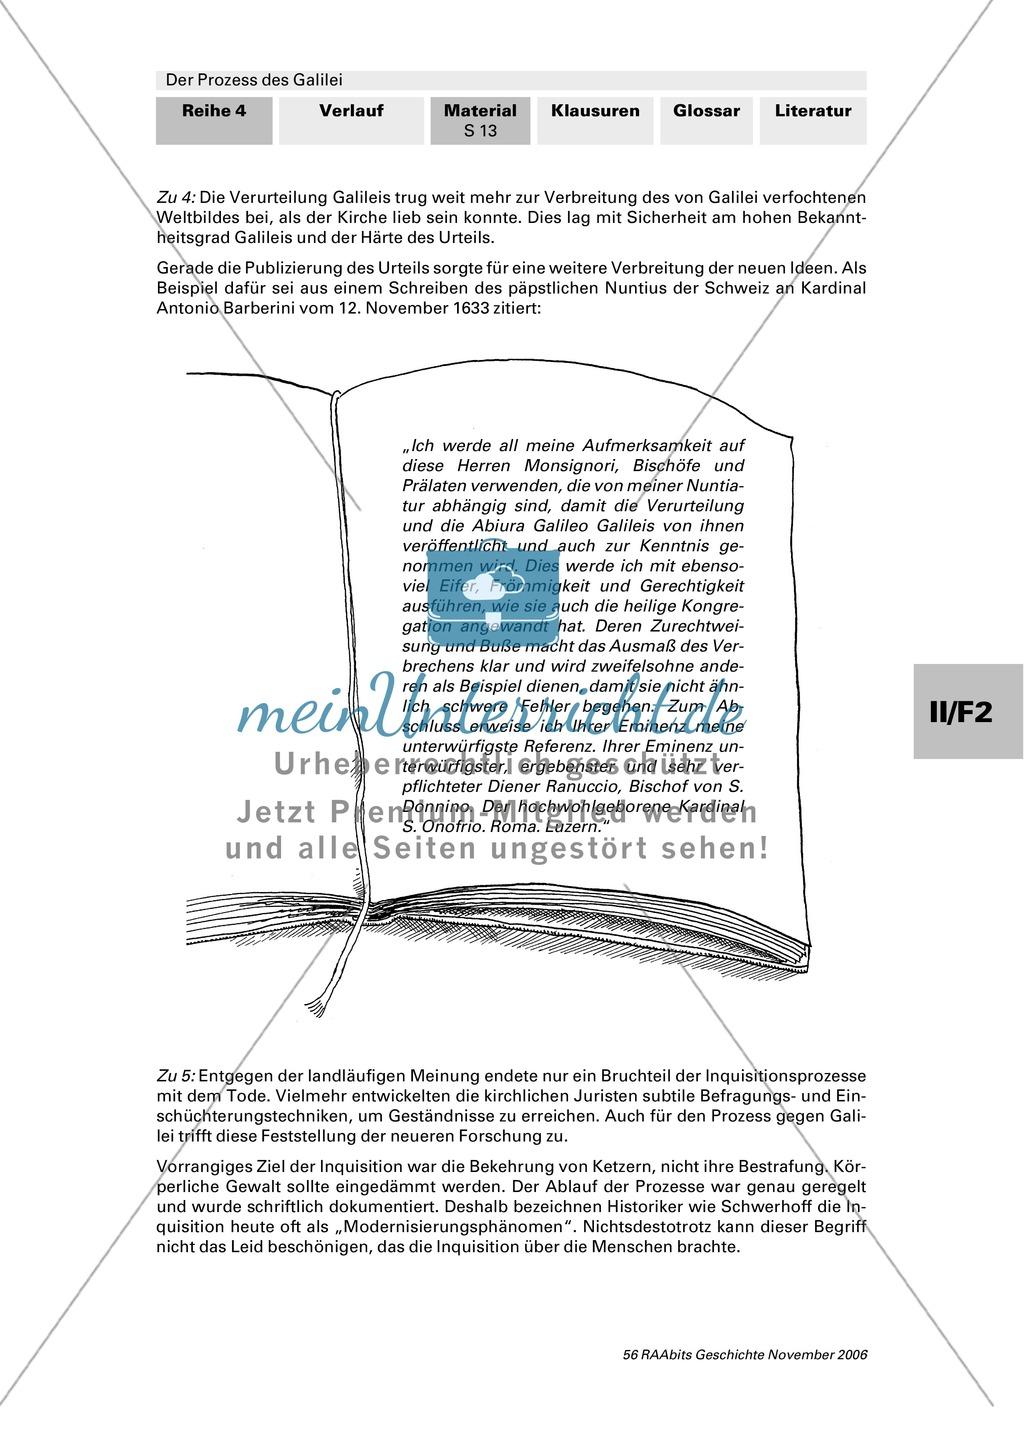 Der Prozess des Galilei: Inquisition als rückwärtsgewandte Institution? Chronologie und Frage nach Fairness des Prozesses Preview 3